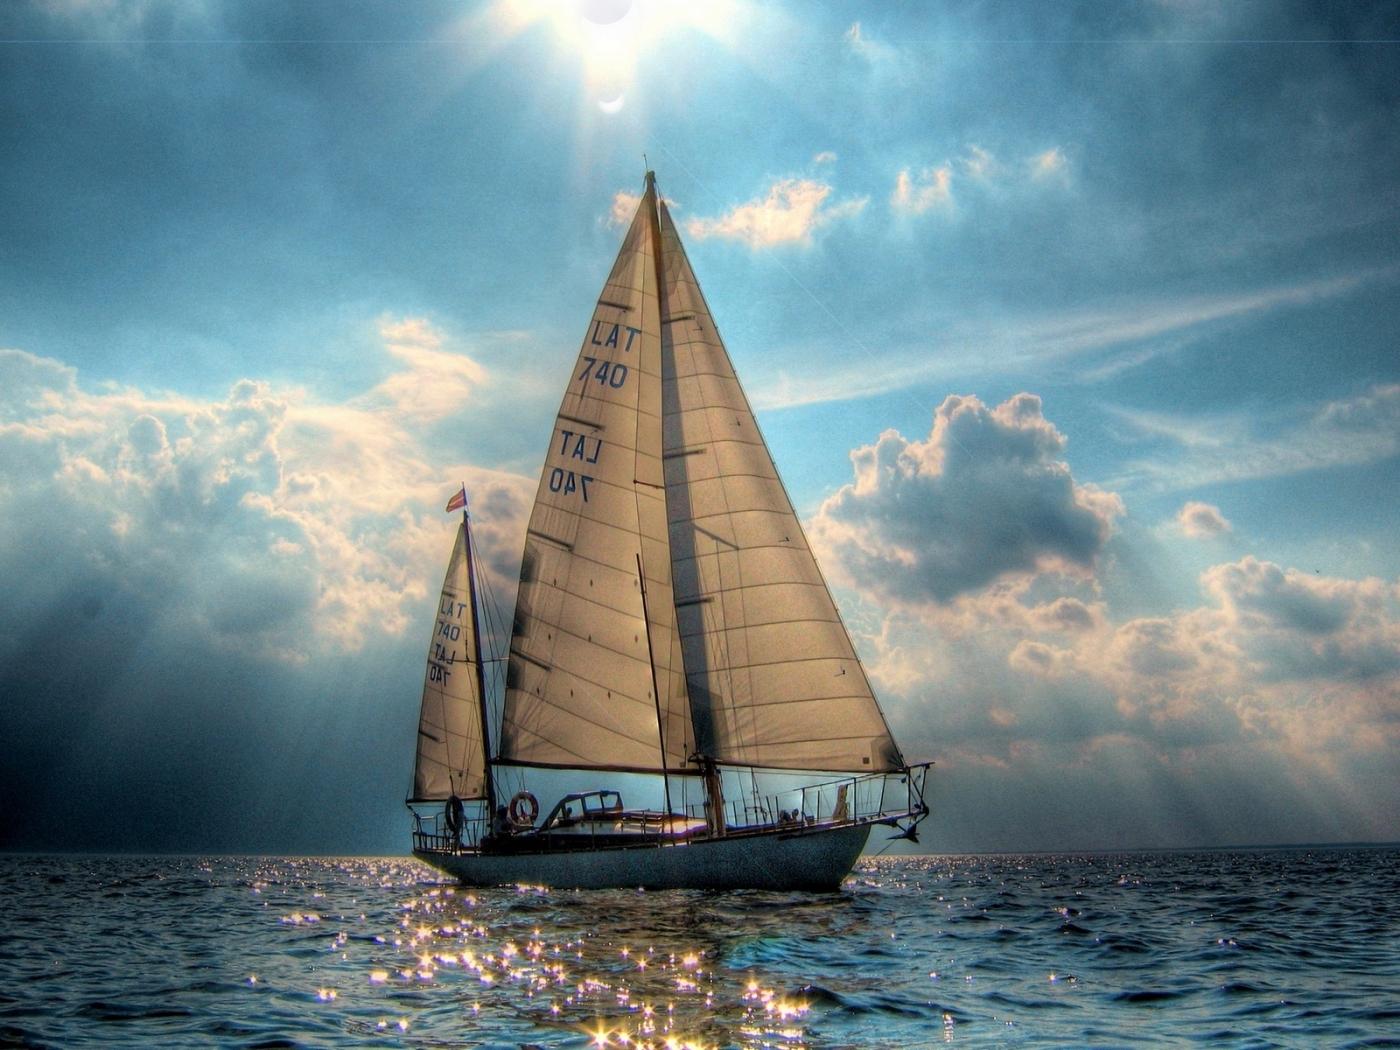 25123 Заставки и Обои Яхты на телефон. Скачать Транспорт, Пейзаж, Море, Солнце, Облака, Яхты картинки бесплатно